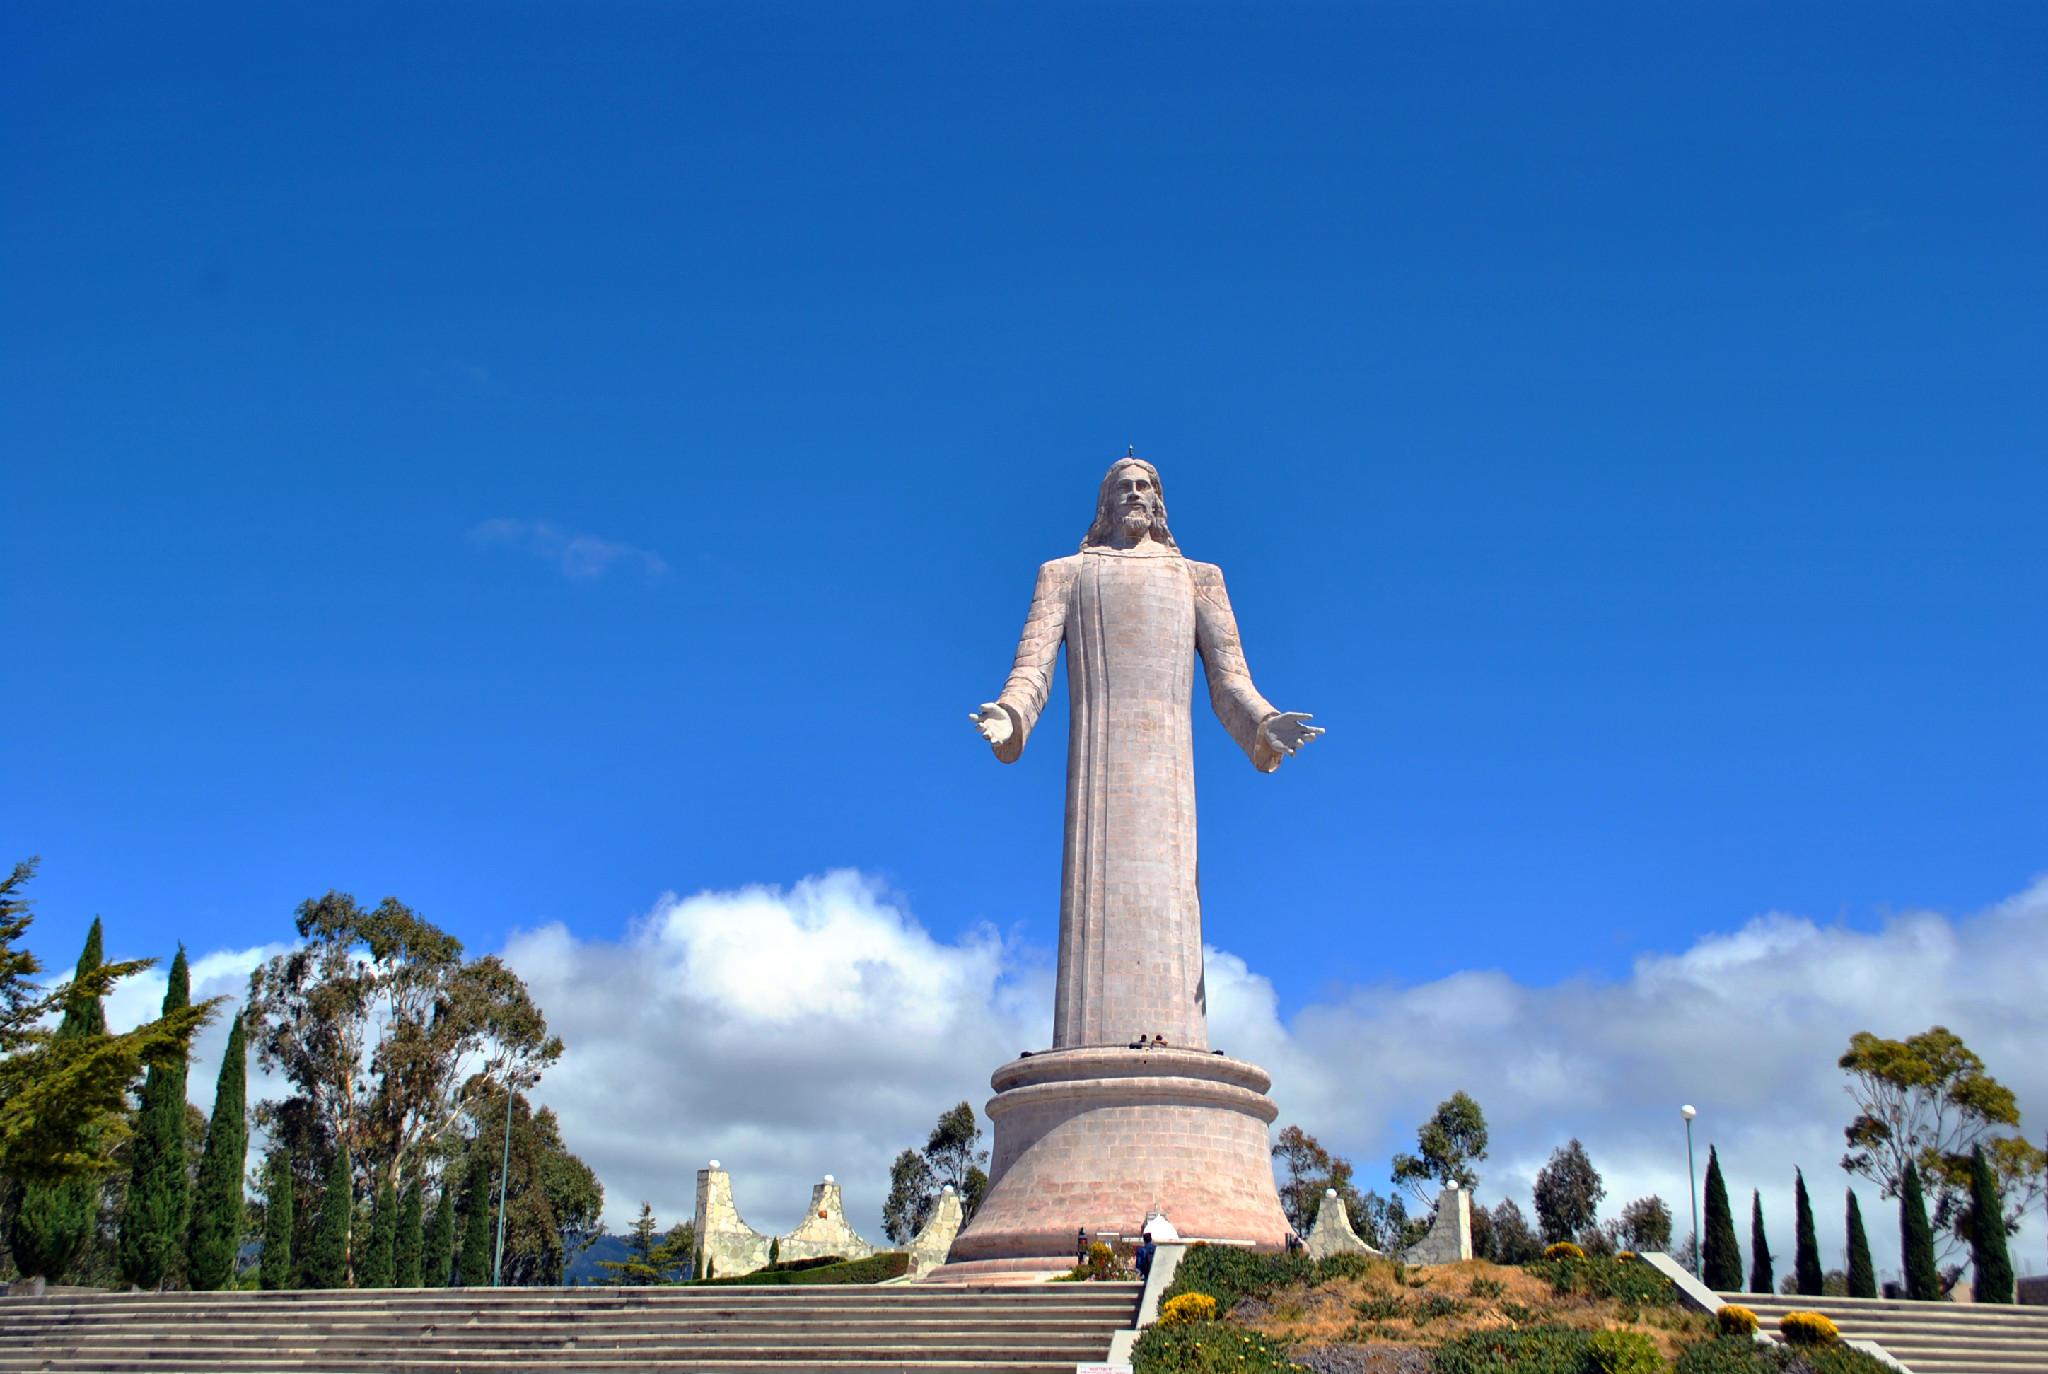 Vista de la escultura del Cristo Rey en Pachuca